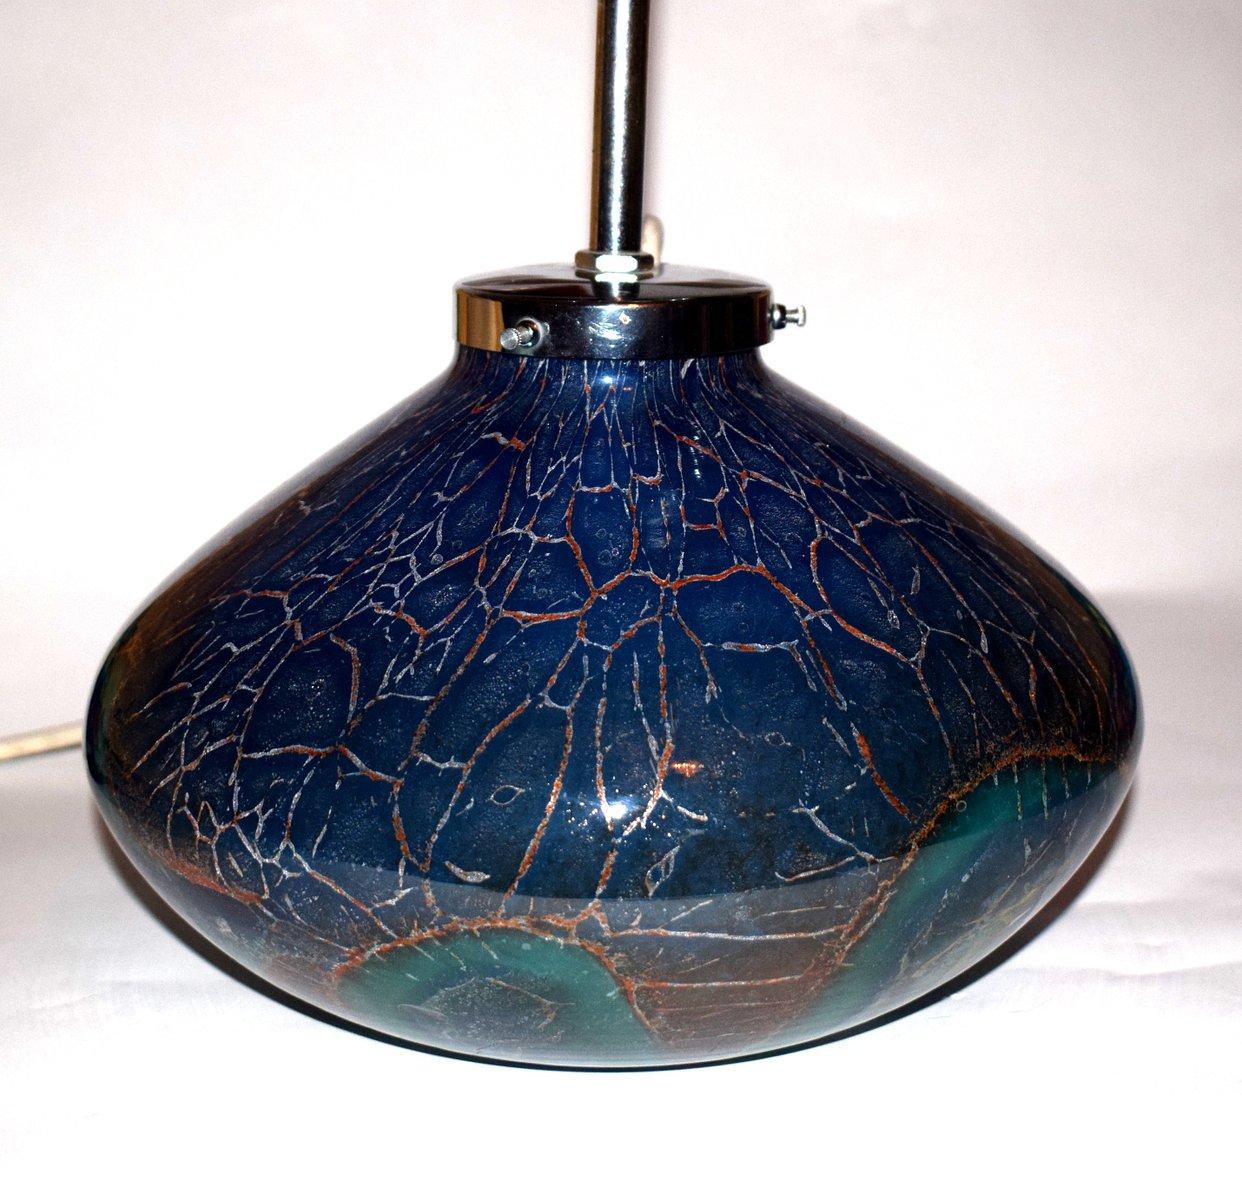 ikora tischlampe aus blauem gr nem glas von wiedmann f r wmf 1930er bei pamono kaufen. Black Bedroom Furniture Sets. Home Design Ideas